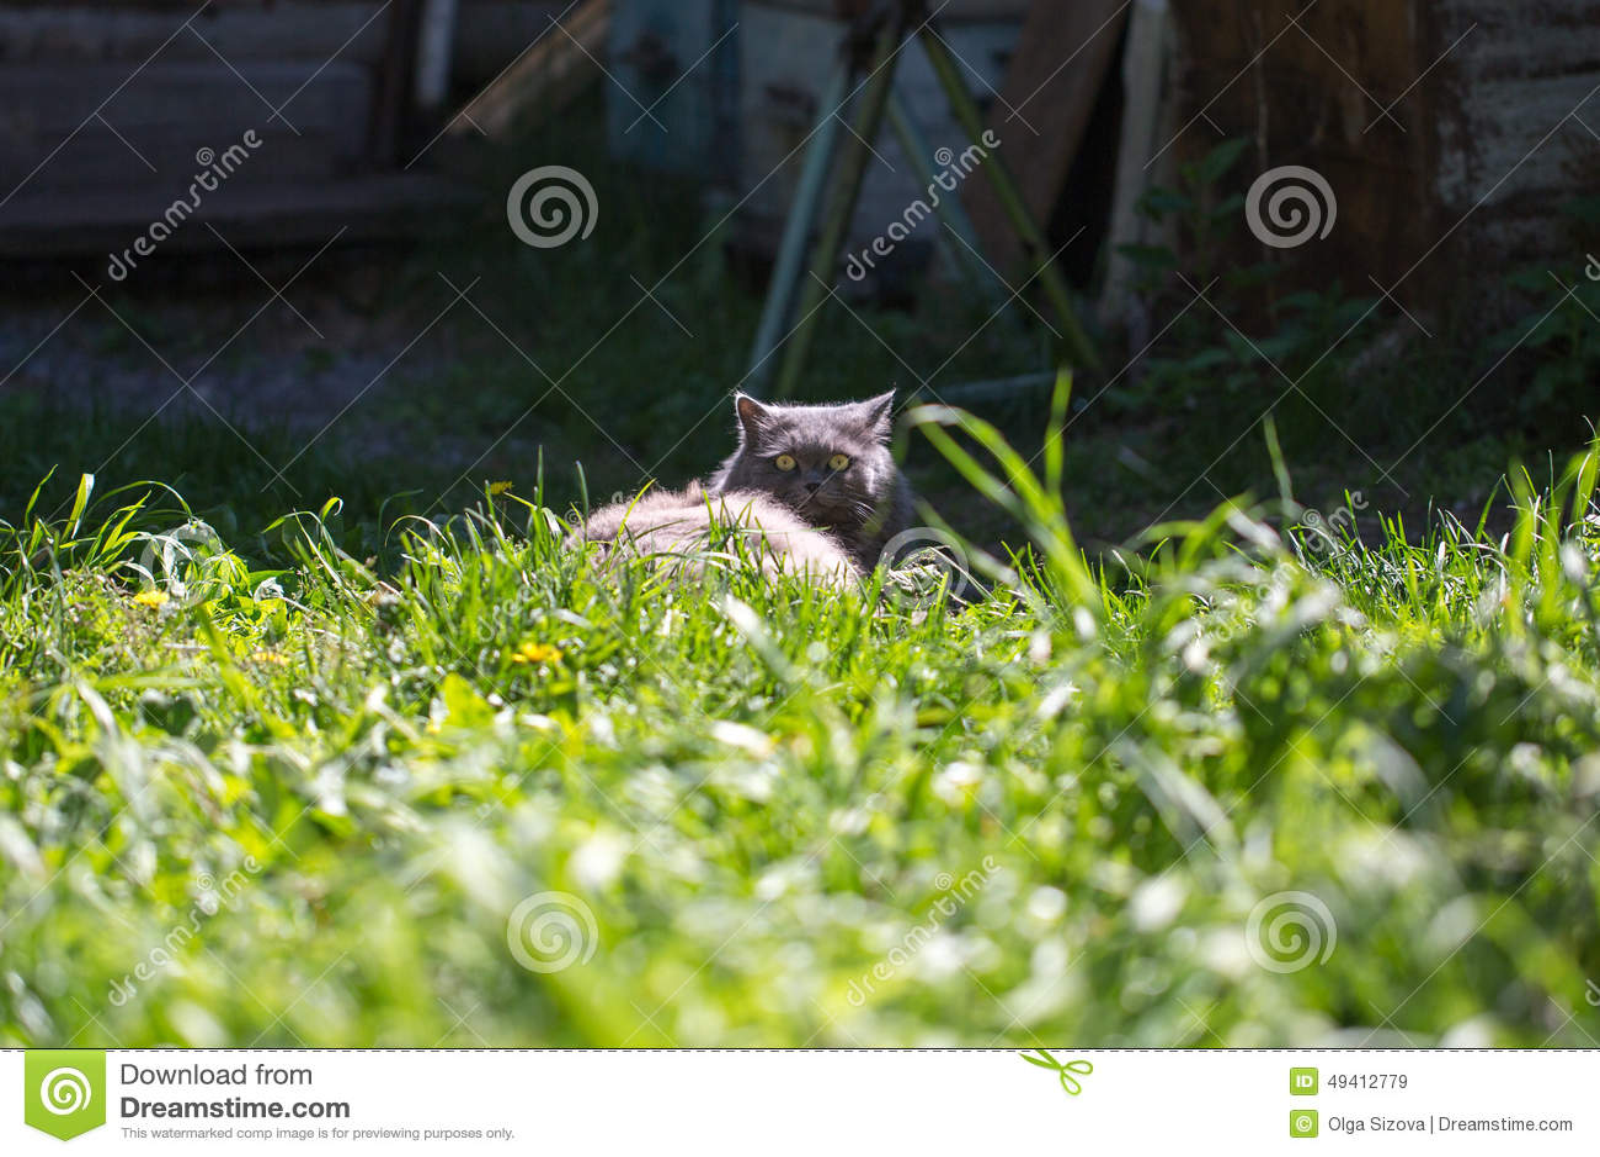 Download Die Katze auf einem Gras stockbild. Bild von hintergrund - 49412779